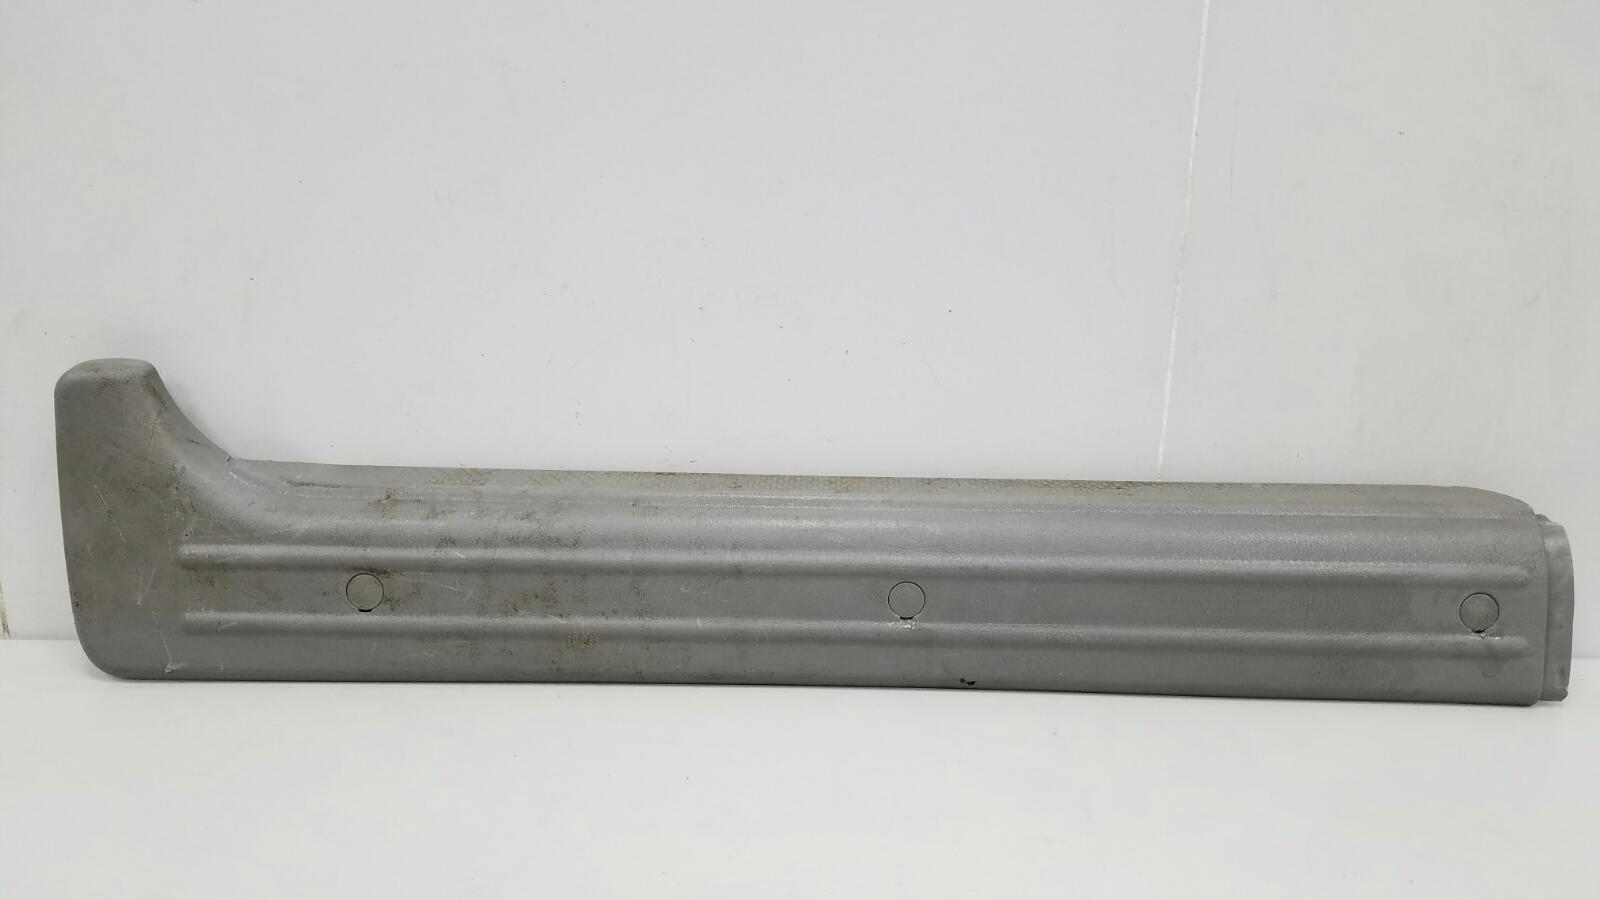 Накладка порога внутренняя Volkswagen Pointer 3 5X1 BJR 1Л 2005 передняя правая